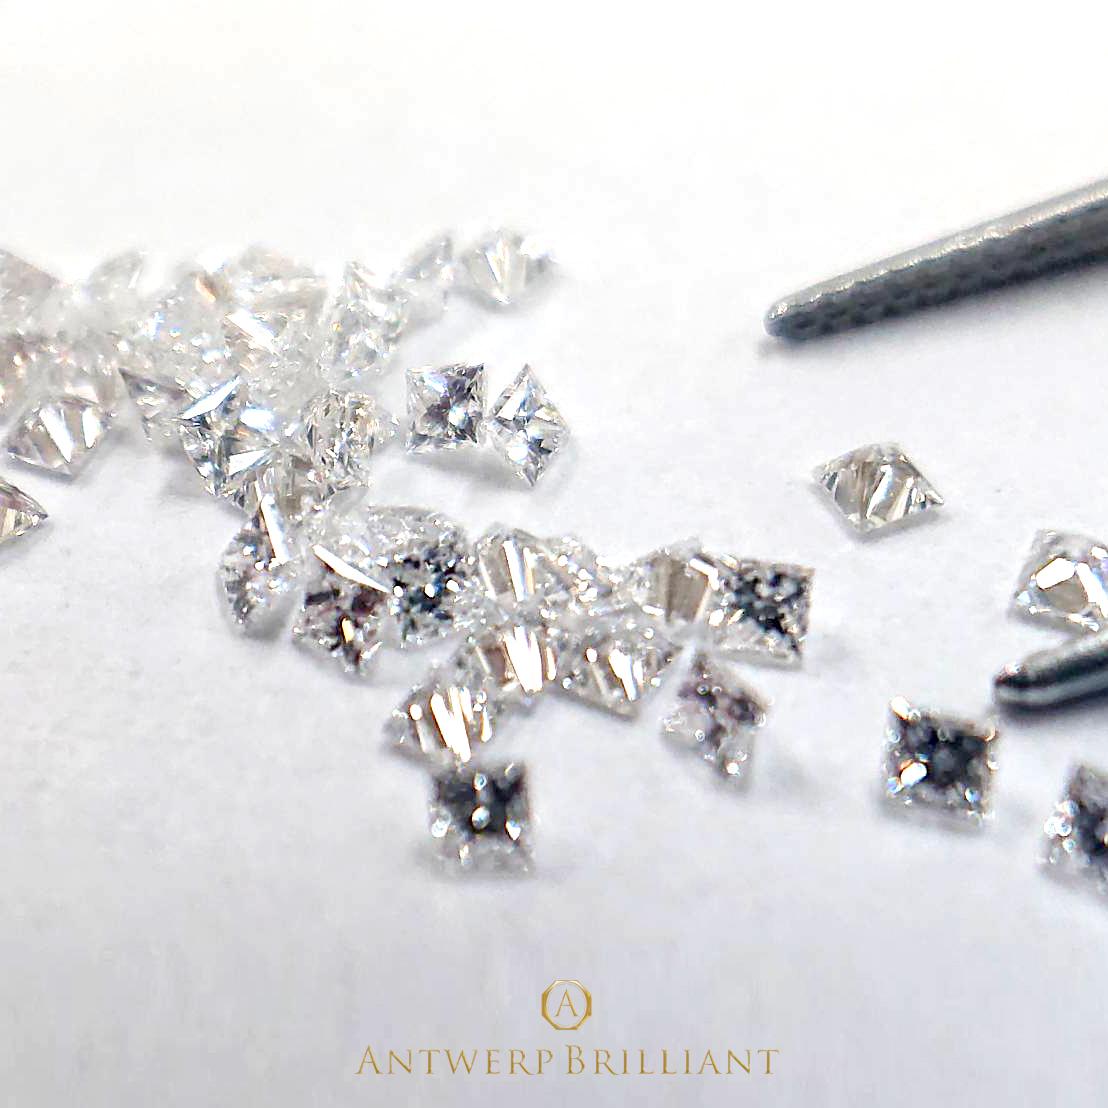 プリンセスカットのダイヤモンド THE PRINCES 特別なエンゲージリングをお考えの方に人気です